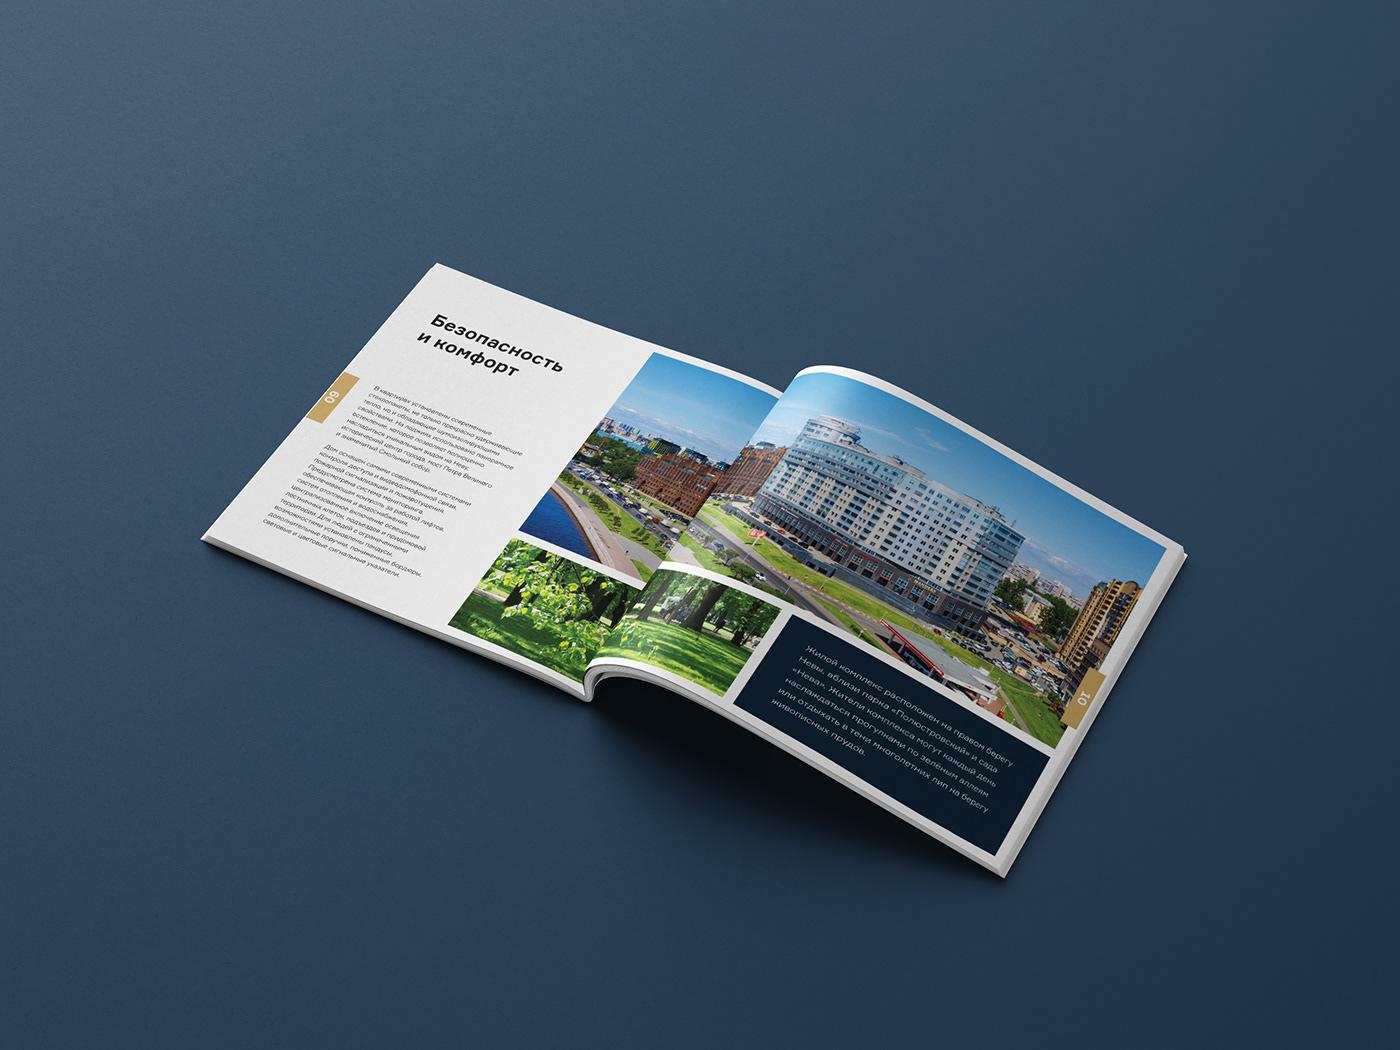 brochure development granum graphic design  Platinum polygraphy thegranum